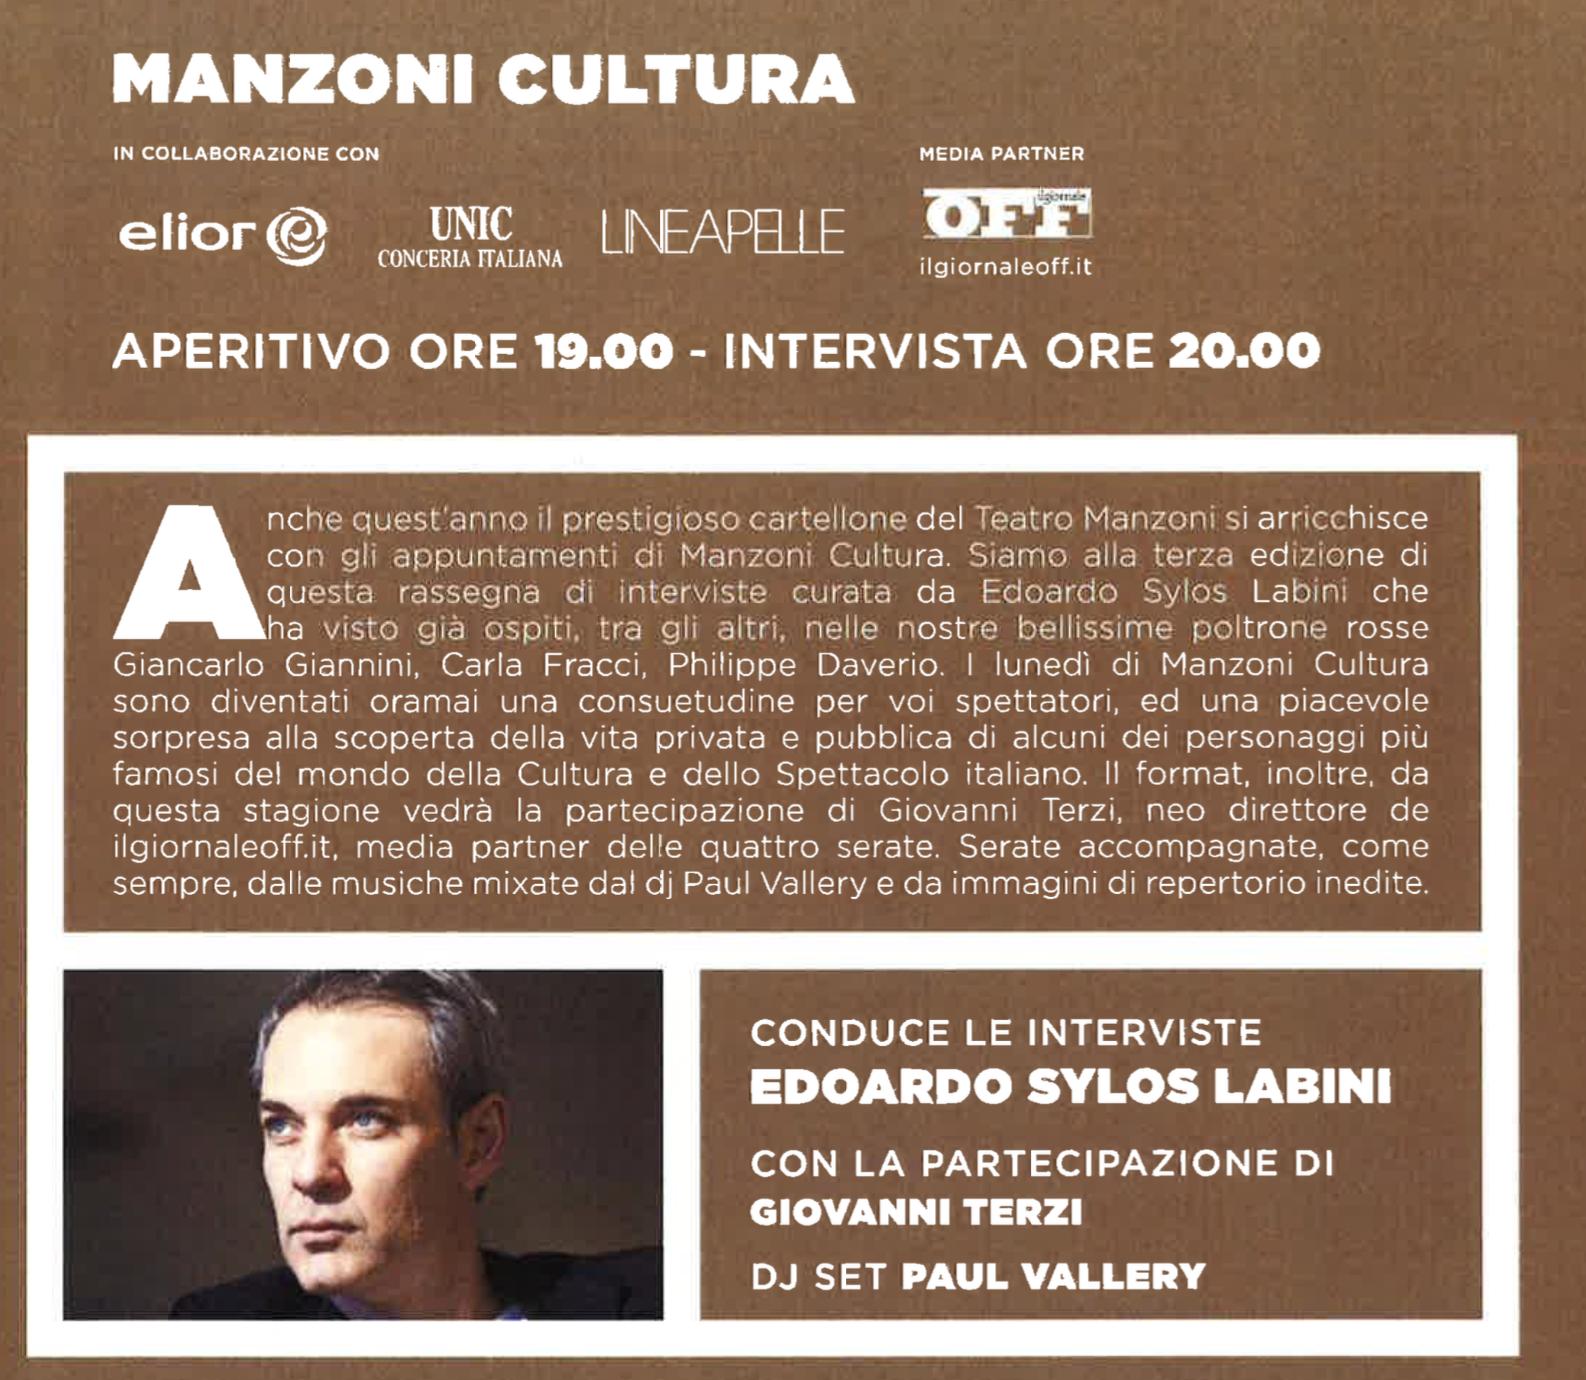 Teatro Manzoni 2016 2017 manzony fcultura 2016 - 2017